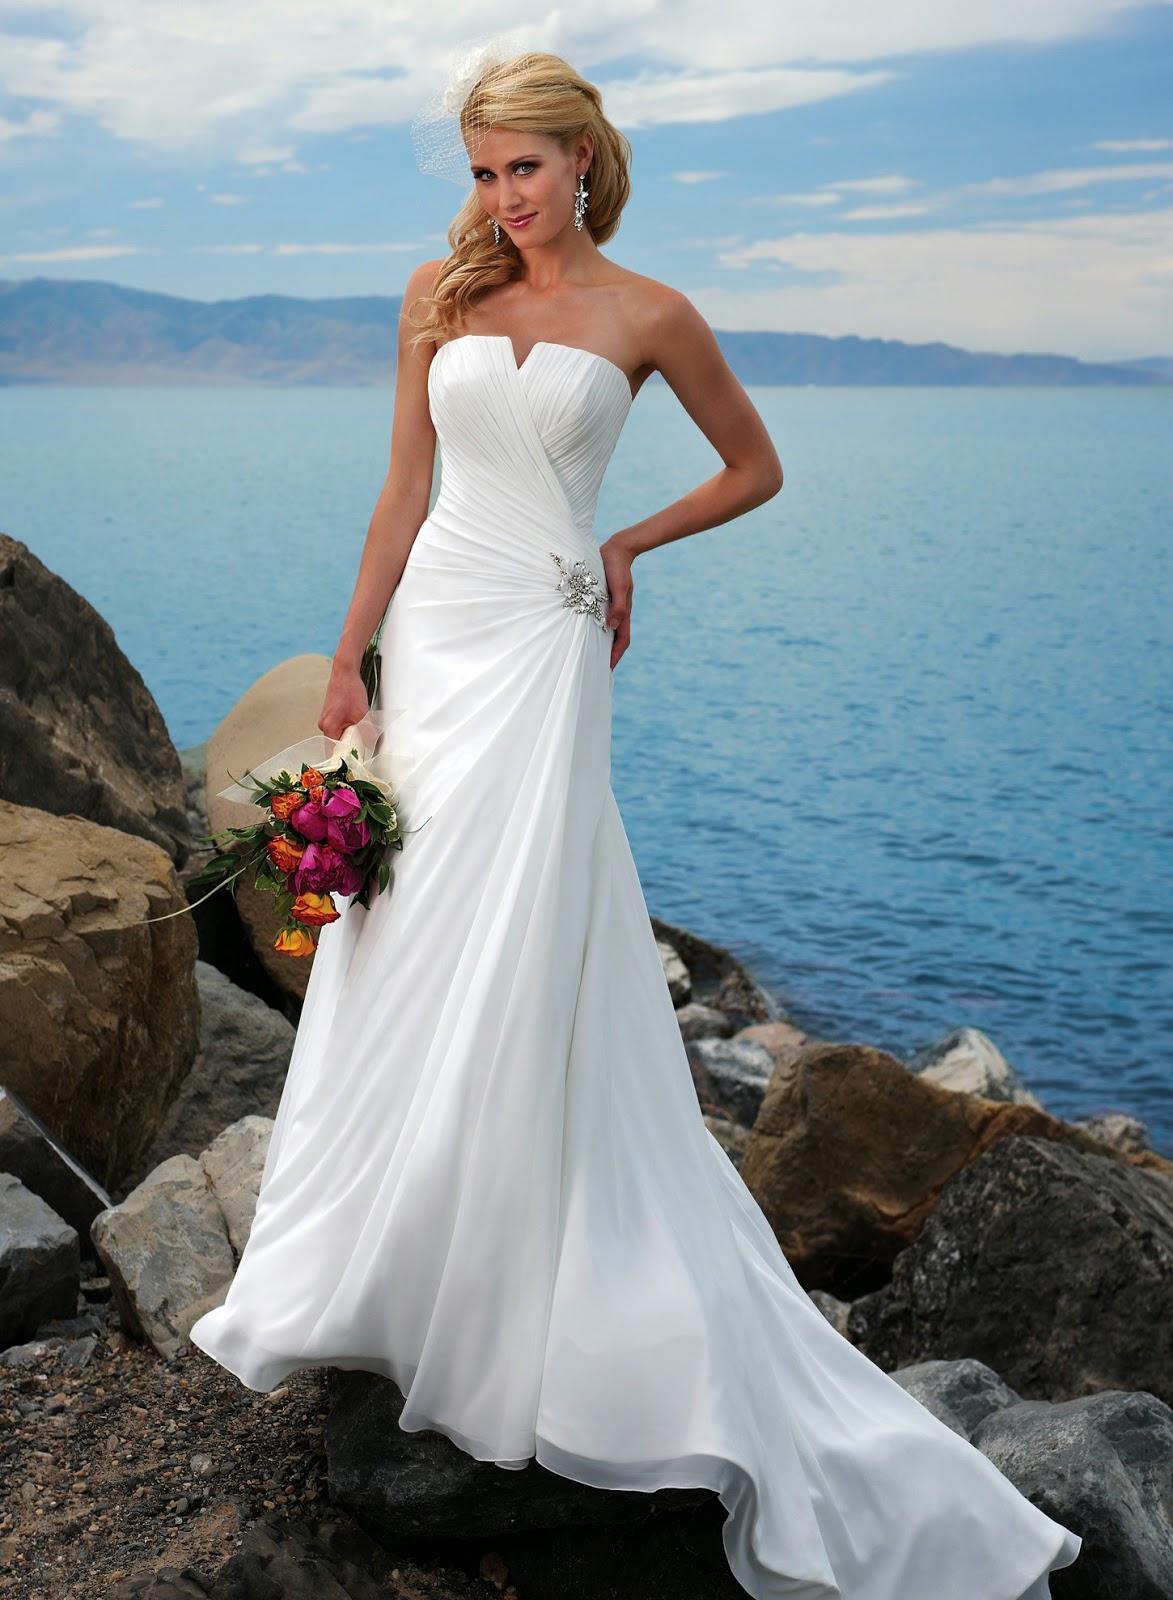 wedding dress styles for a hawaii wedding